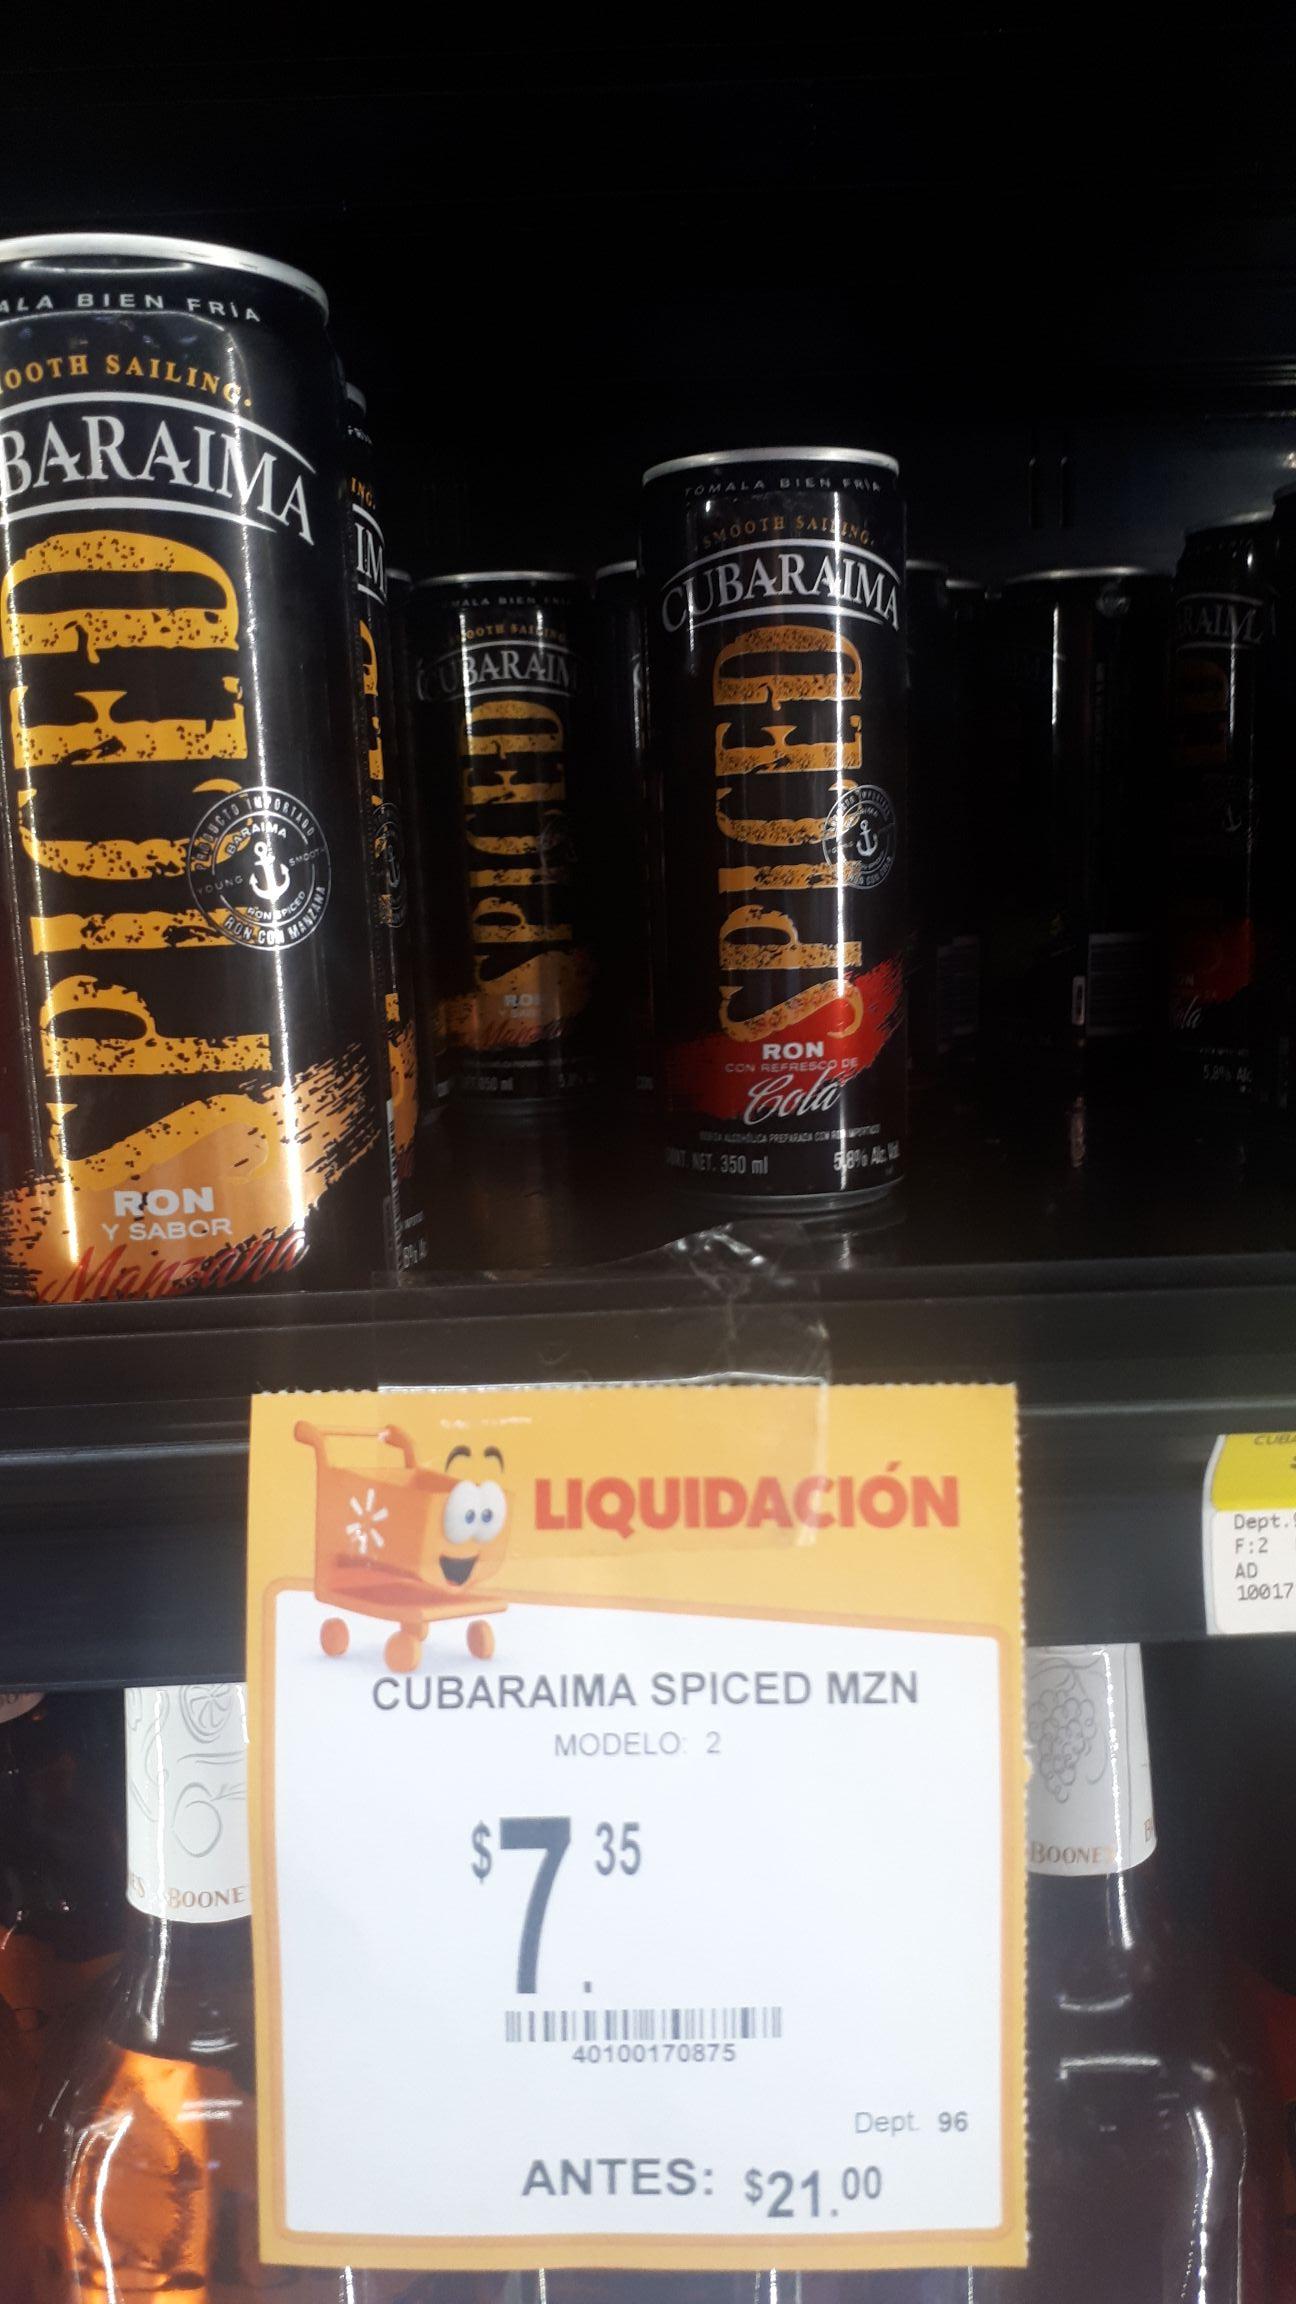 Walmart: Cubaraima a $7